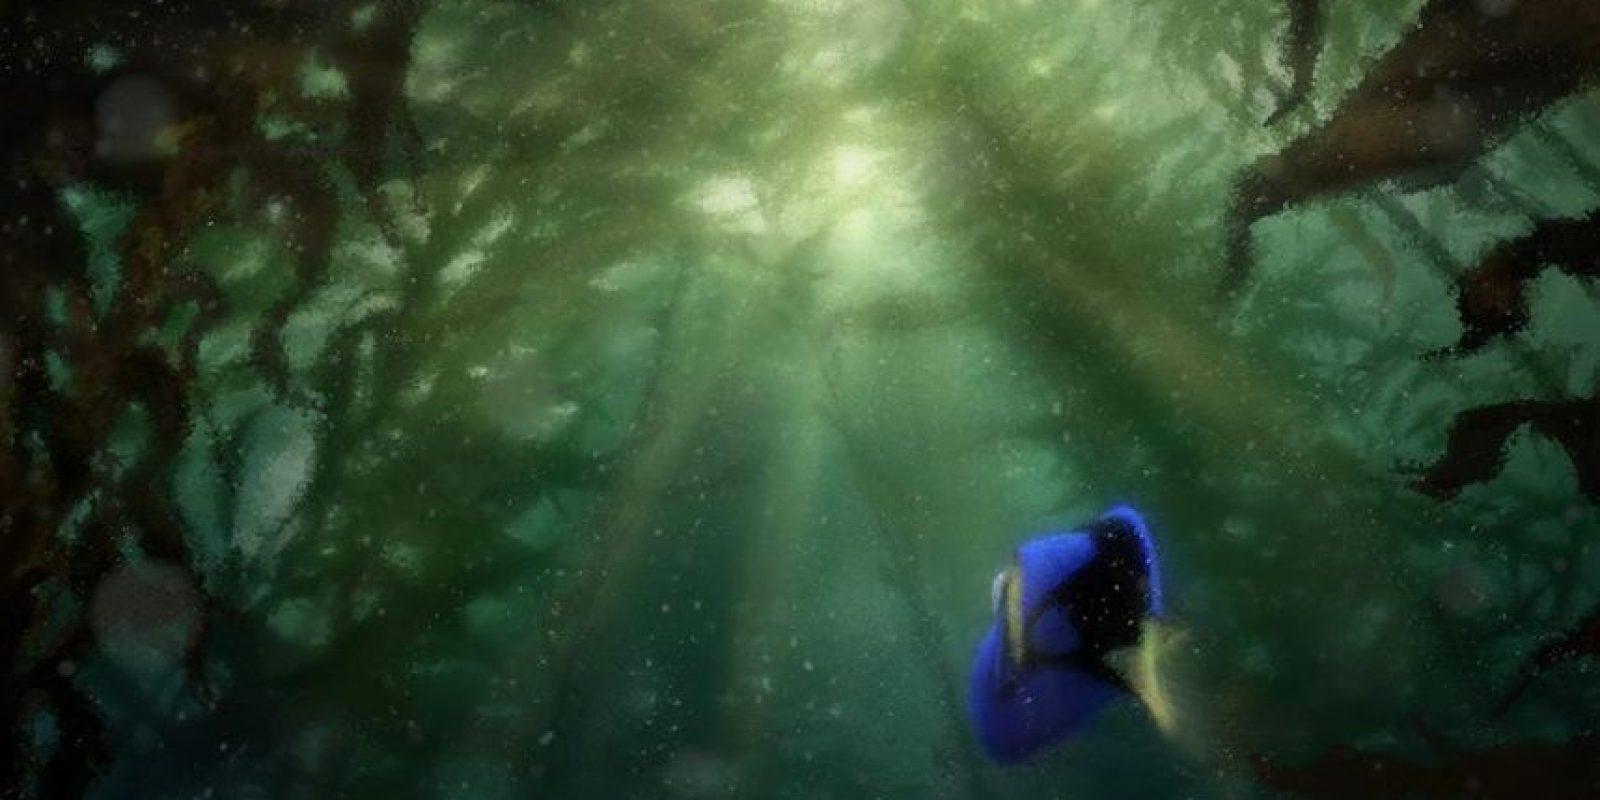 Andrew Staton, quien además de dirigir la primera película trabajó en A bug's life y Wall-E, planteará el origen de Dory y sus problemas de pérdida de memoria. Foto:Facebook/Finding Dory